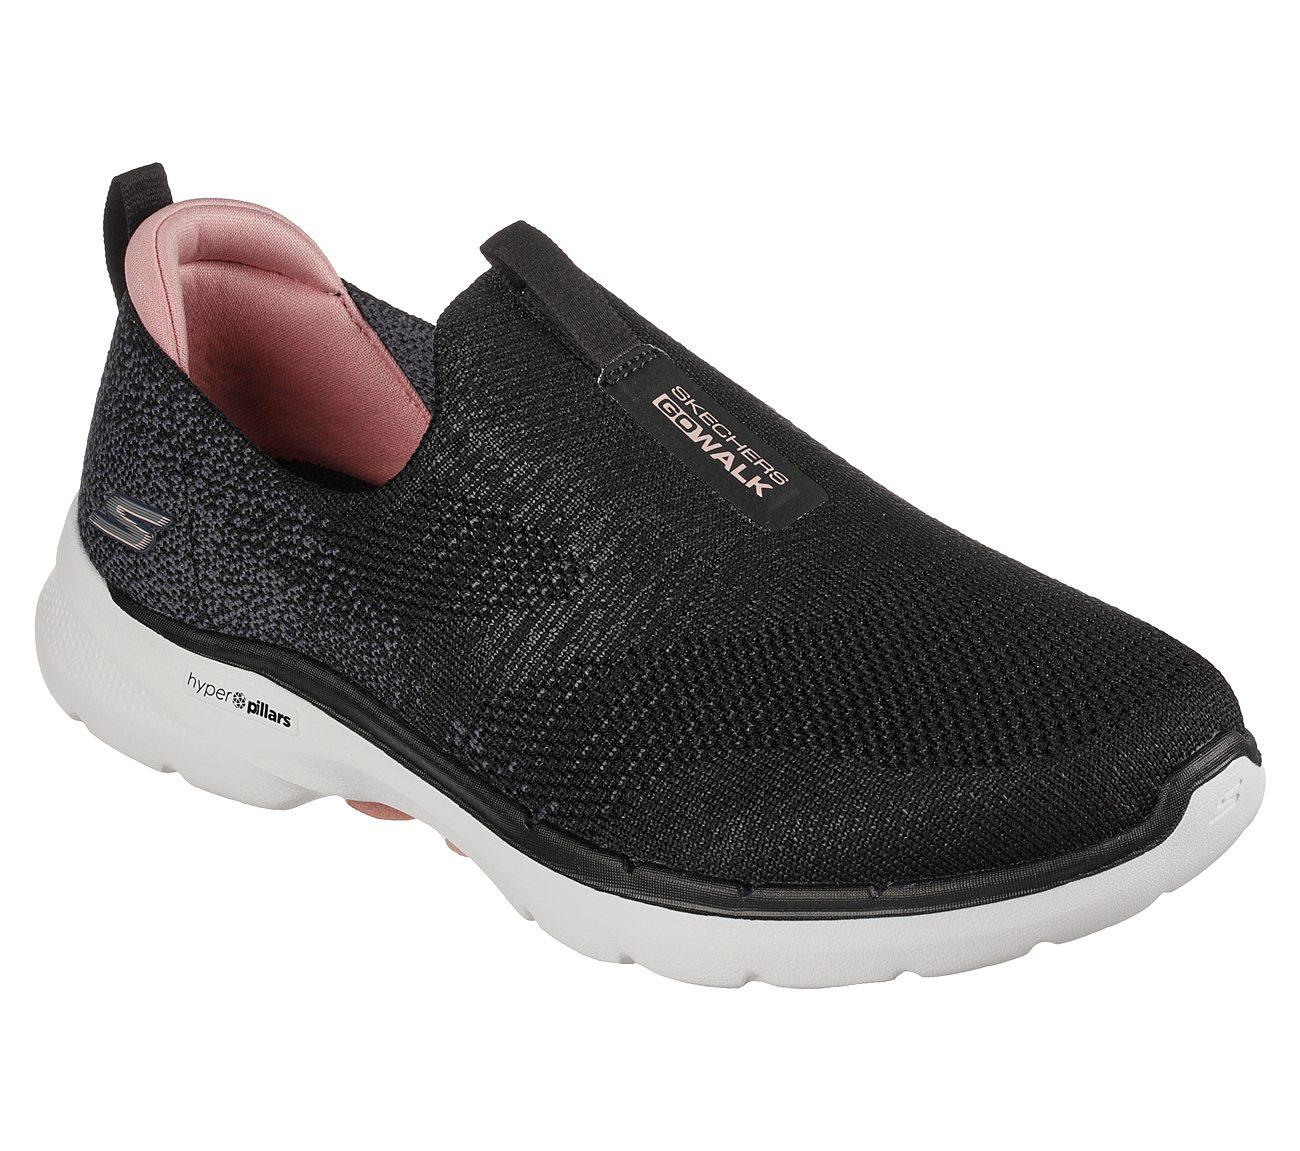 Skechers | SKECHERS GO WALK 6 - GLIMMERING PERFORM SHOE